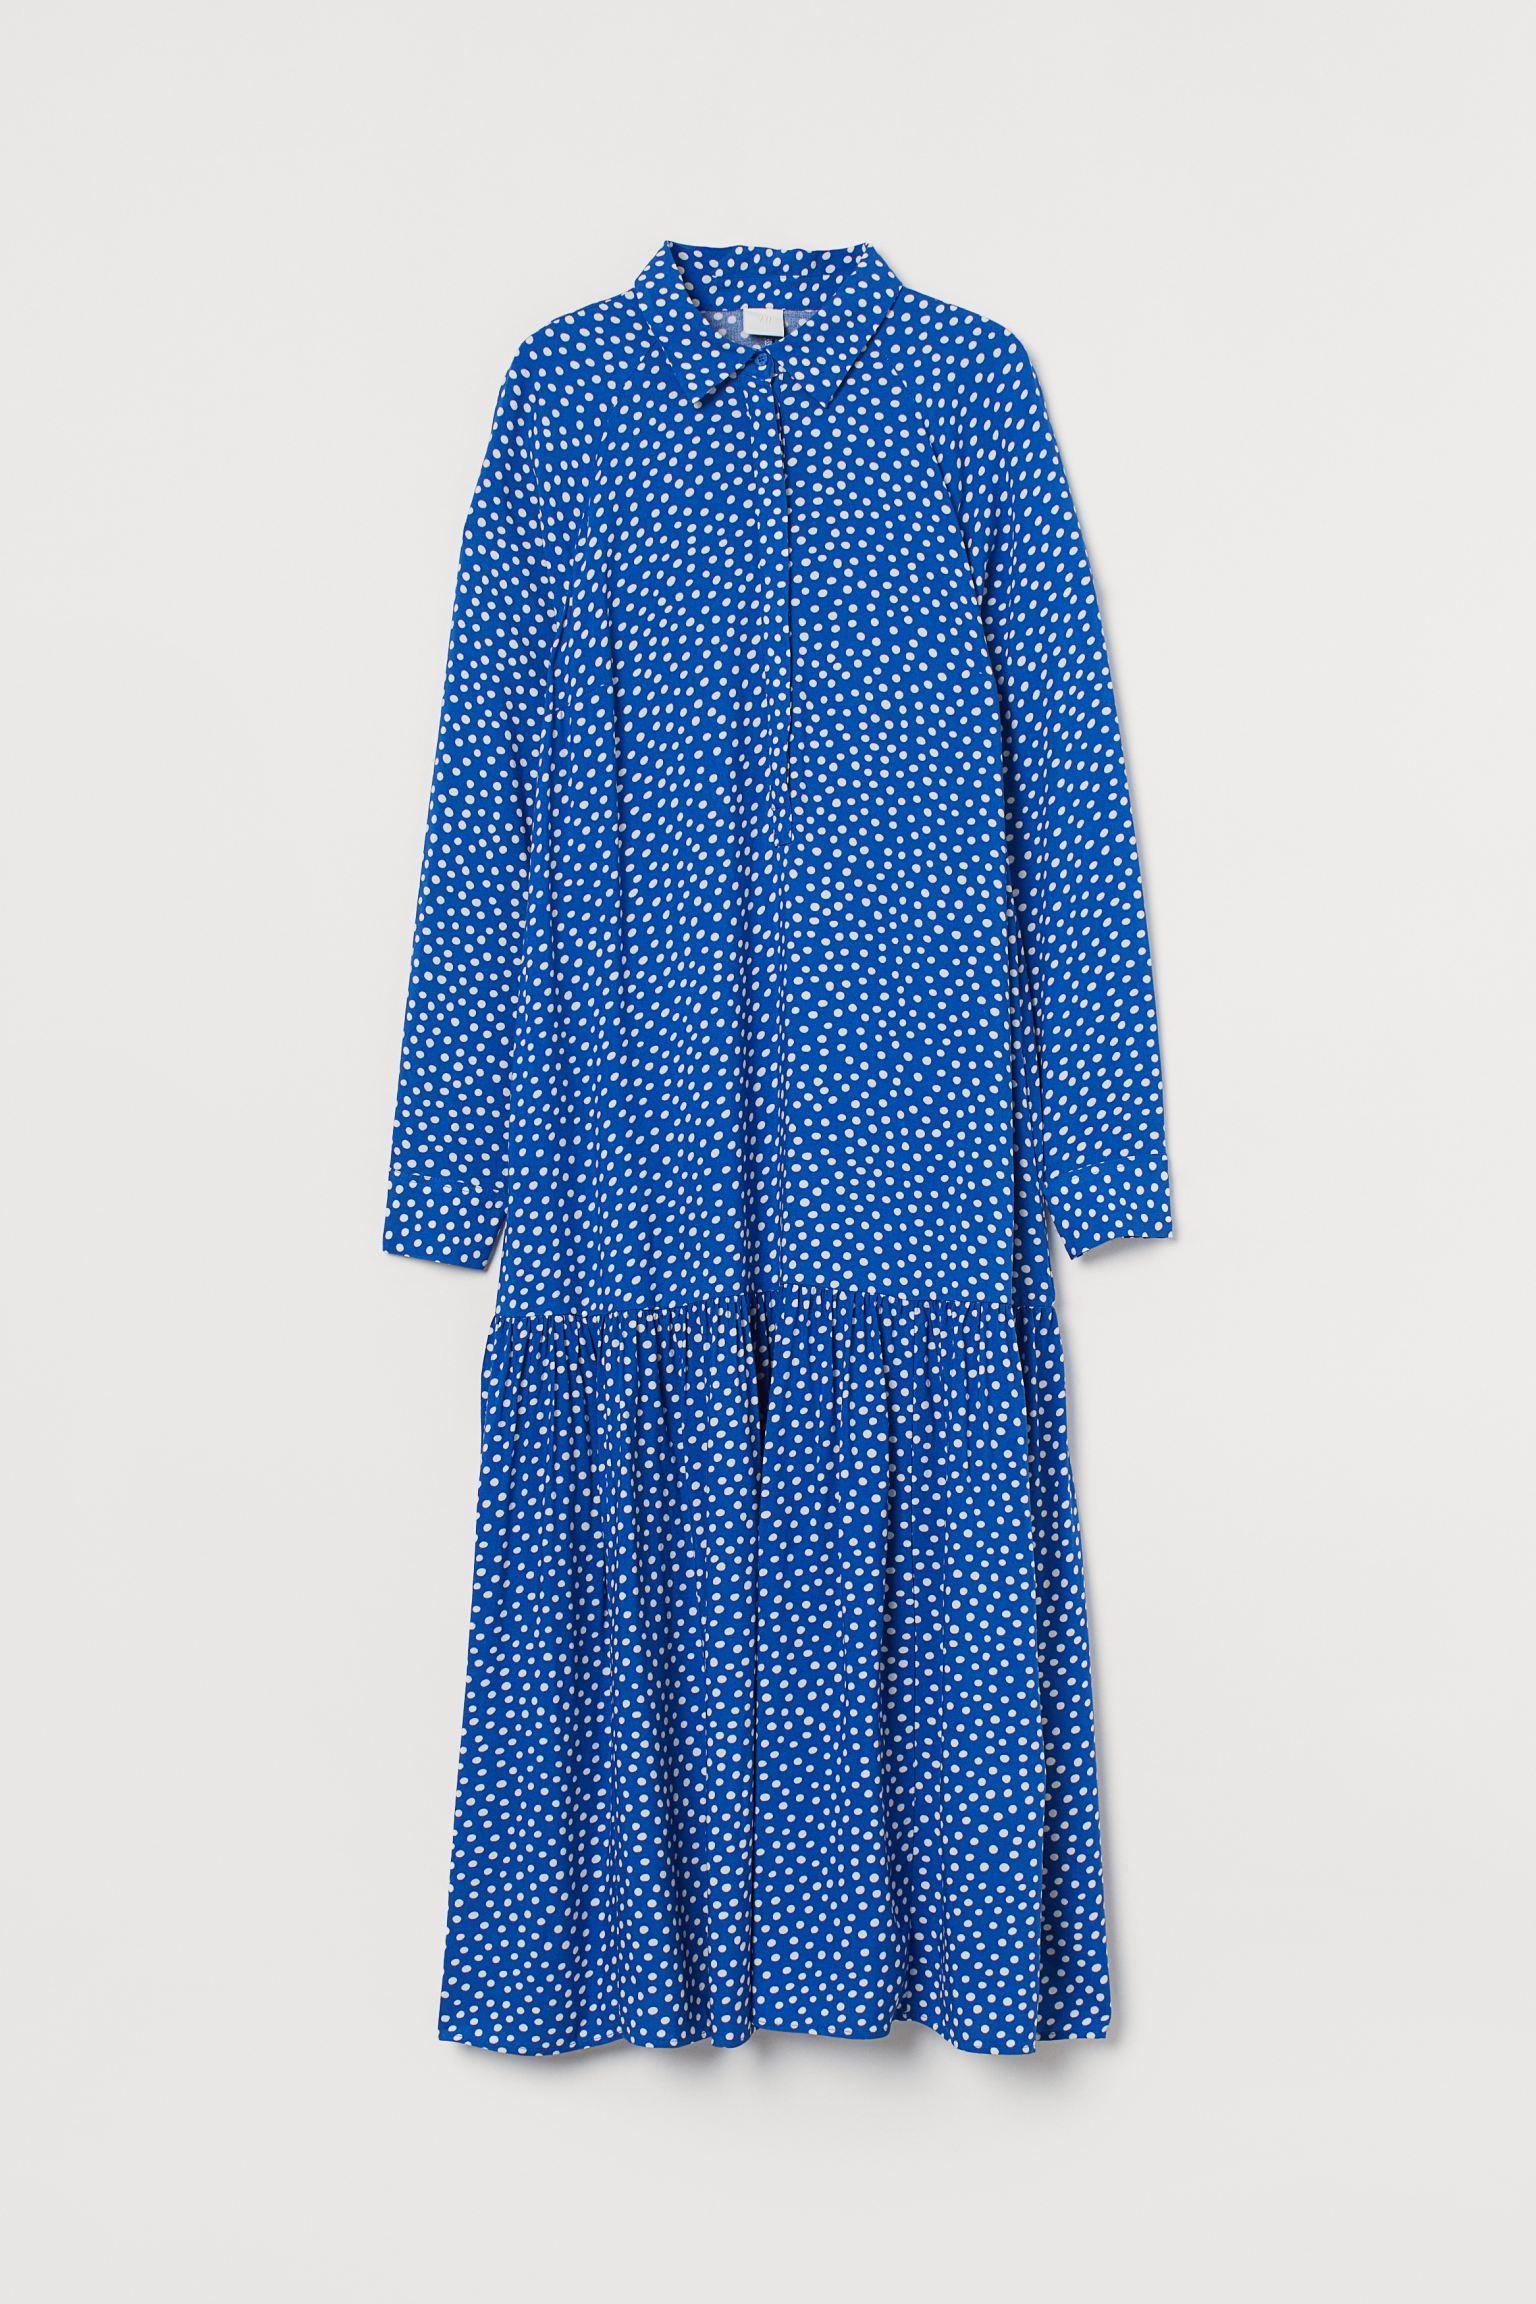 Отзыв на Платье в горох, S из Интернет-Магазина H&M